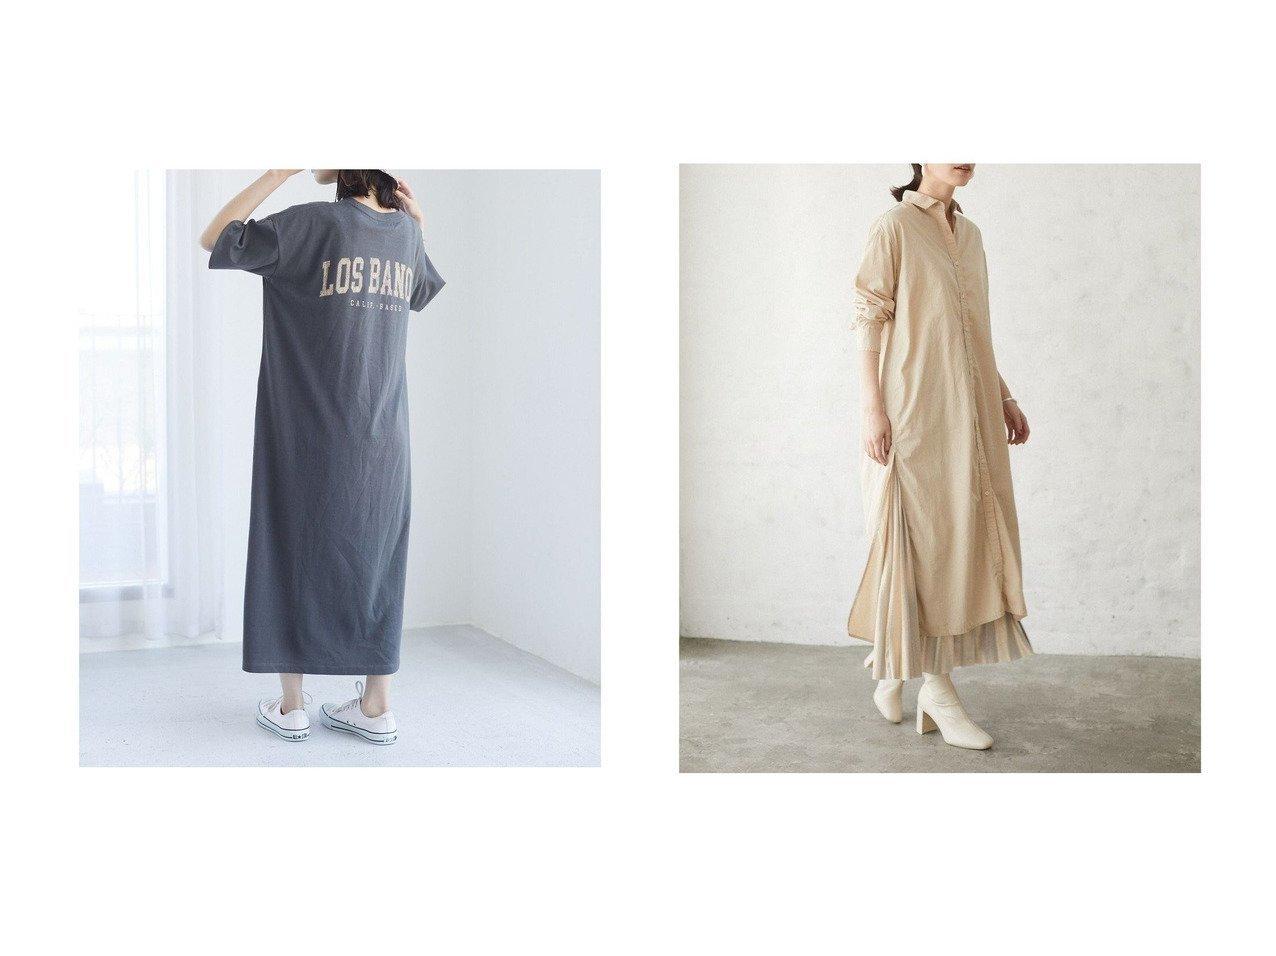 【Green Parks/グリーンパークス】のレギュラーカラーシャツワンピース&バックプリントTシャツワンピース 【プチプライス・低価格】おすすめ!人気トレンド・レディースファッション通販  おすすめで人気の流行・トレンド、ファッションの通販商品 インテリア・家具・メンズファッション・キッズファッション・レディースファッション・服の通販 founy(ファニー) https://founy.com/ ファッション Fashion レディースファッション WOMEN ワンピース Dress シャツワンピース Shirt Dresses 送料無料 Free Shipping シューズ シンプル プリント ヴィンテージ スリット ボトム レギュラー |ID:crp329100000047375